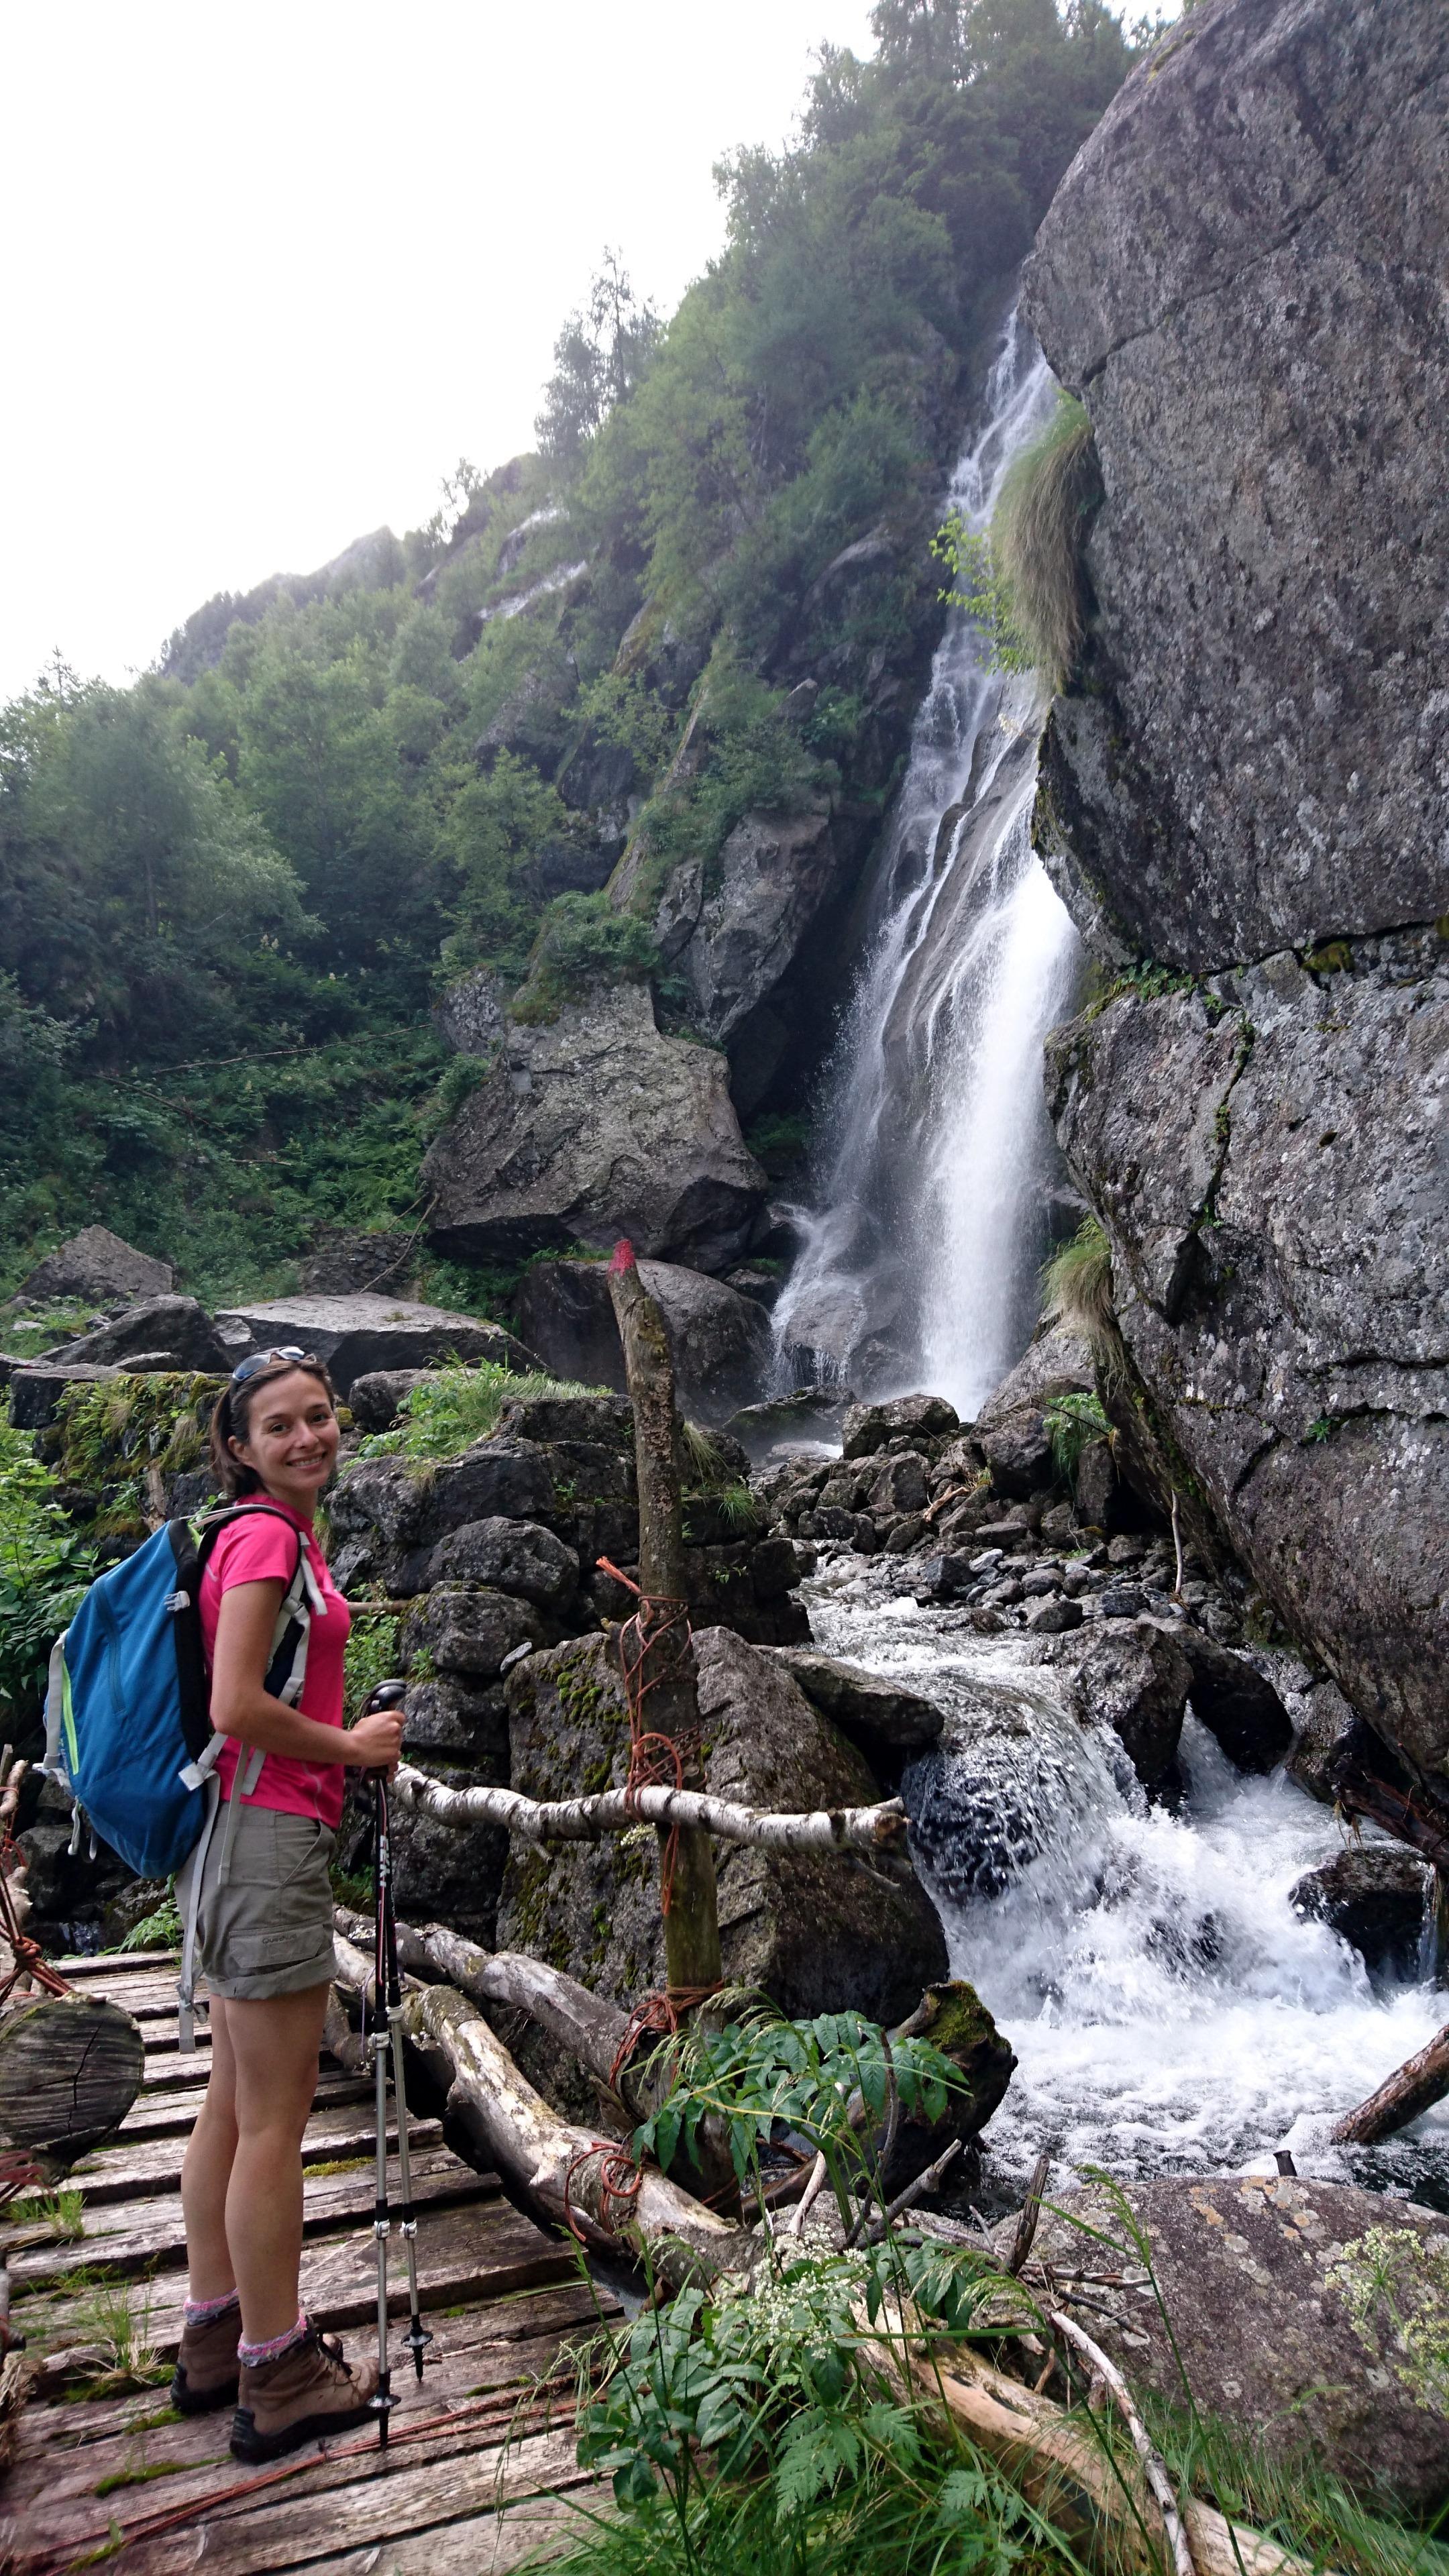 Erica sul ponticello della cascata della Merdarola